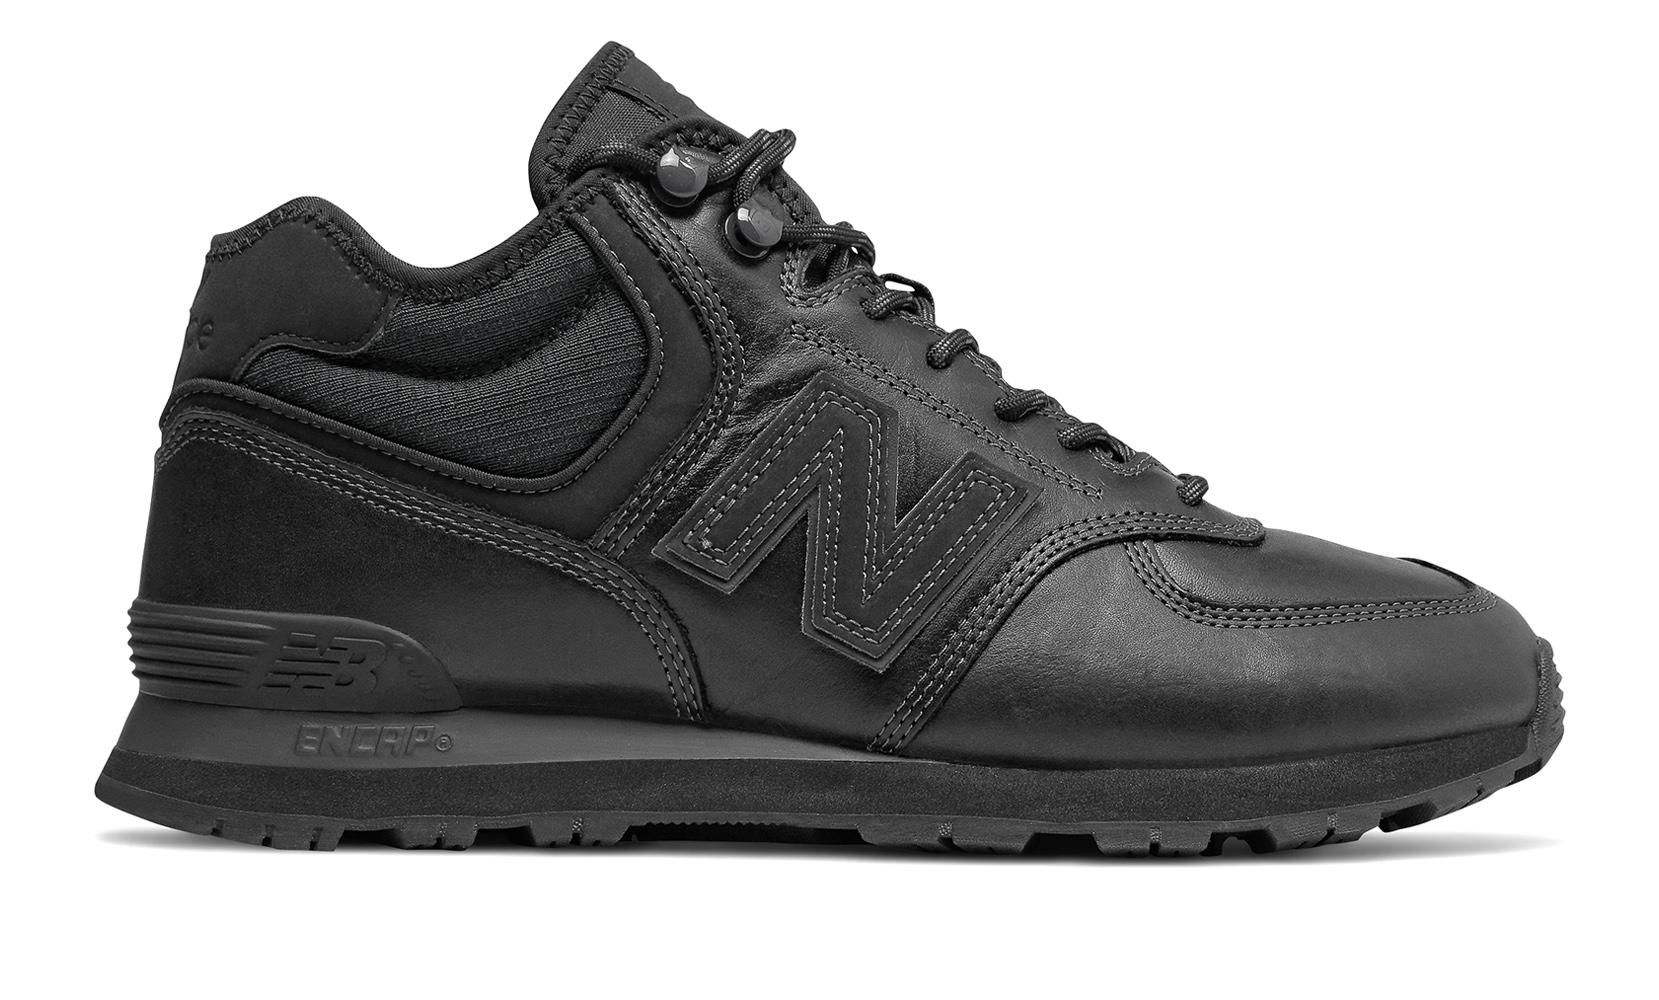 Чоловіче взуття повсякденне New Balance 574 Mid MH574OAC | New Balance